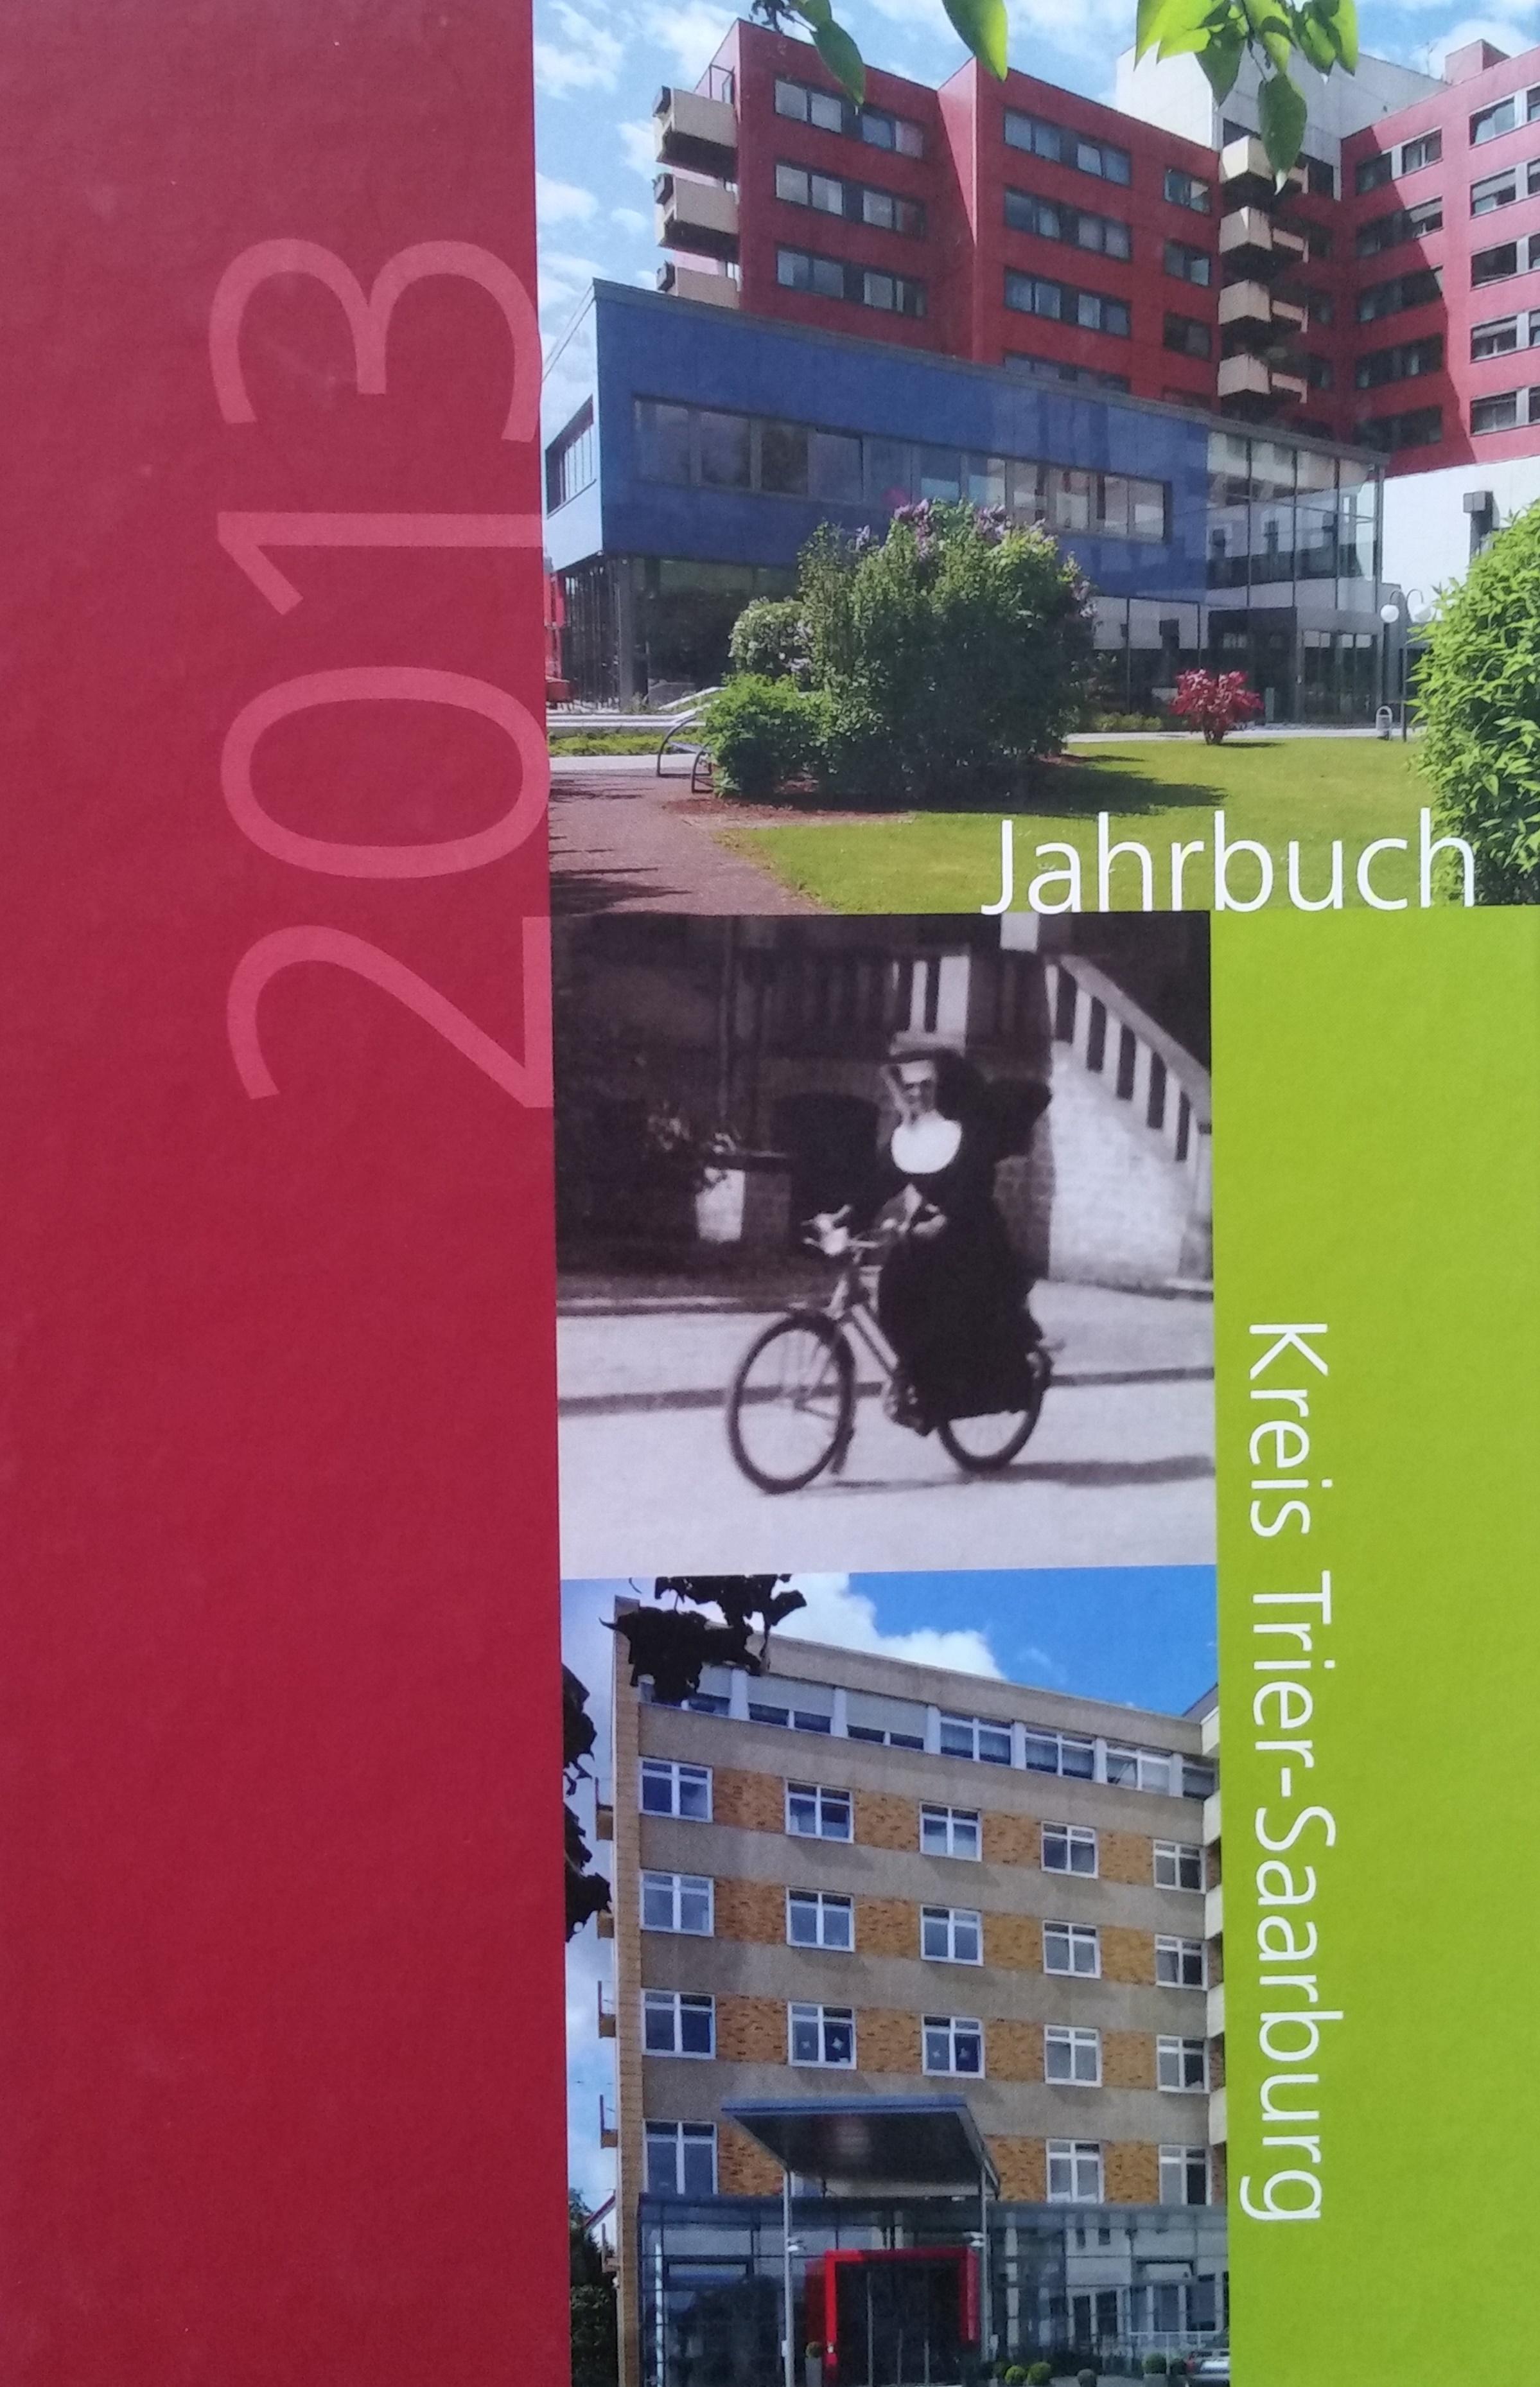 Jahrbuch 2013 Kreis Trier-Saarburg Bucheinband vorne